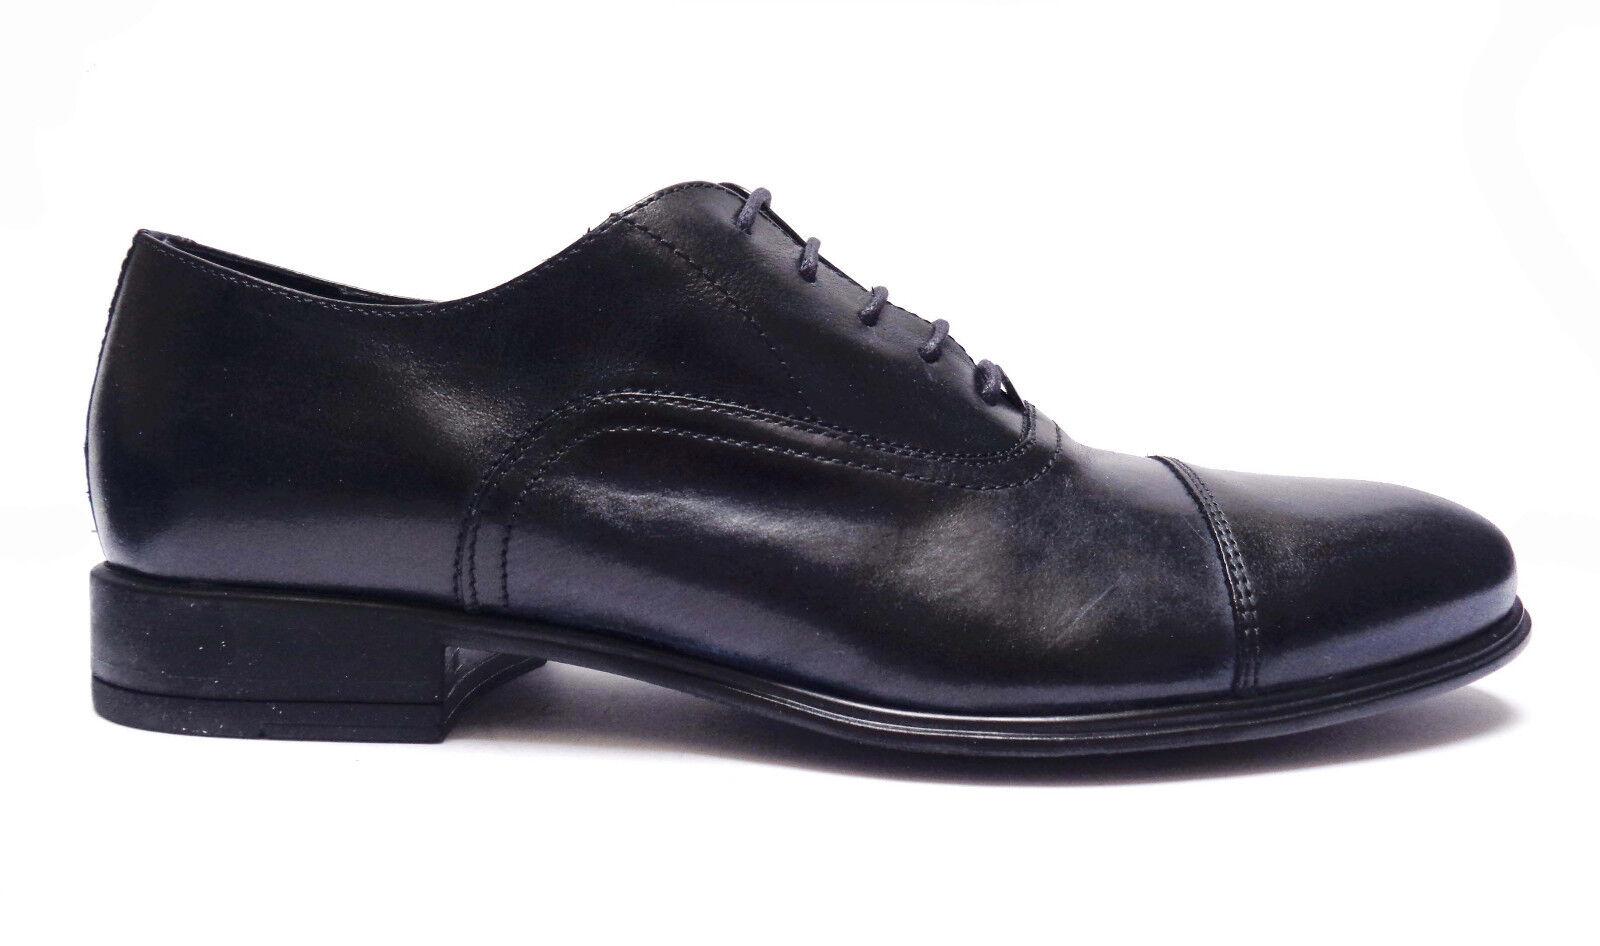 ANTICA CUOIERIA  zapatos CLASSICHE DA hombres IN PELLE azul FONDO IN GOMMA LEGGERA